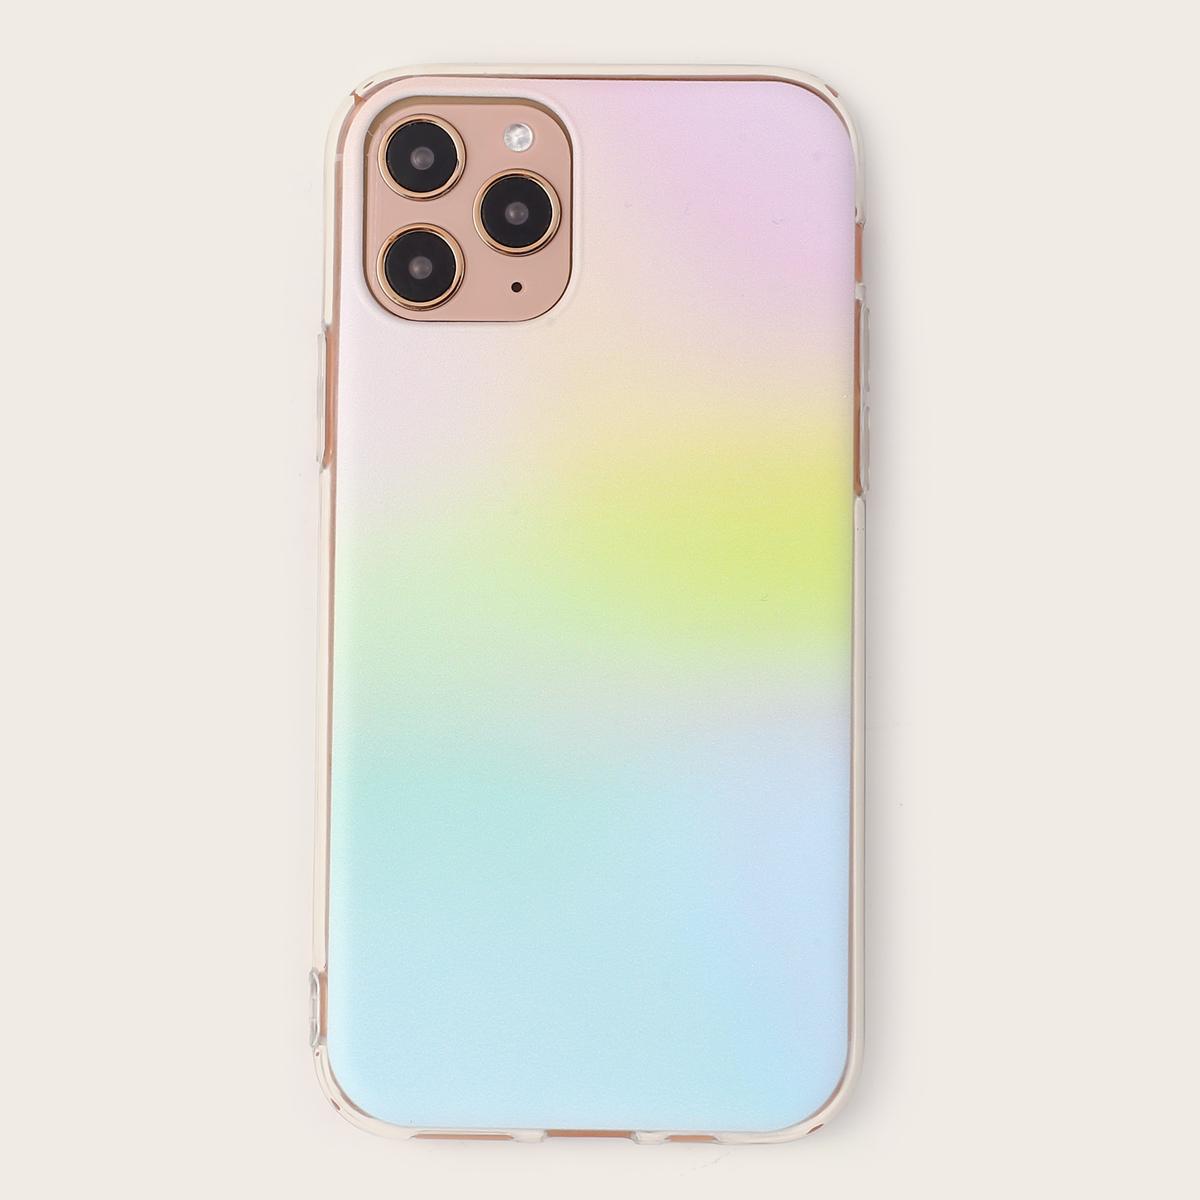 iPhone Hülle mit Farbverlauf Muster